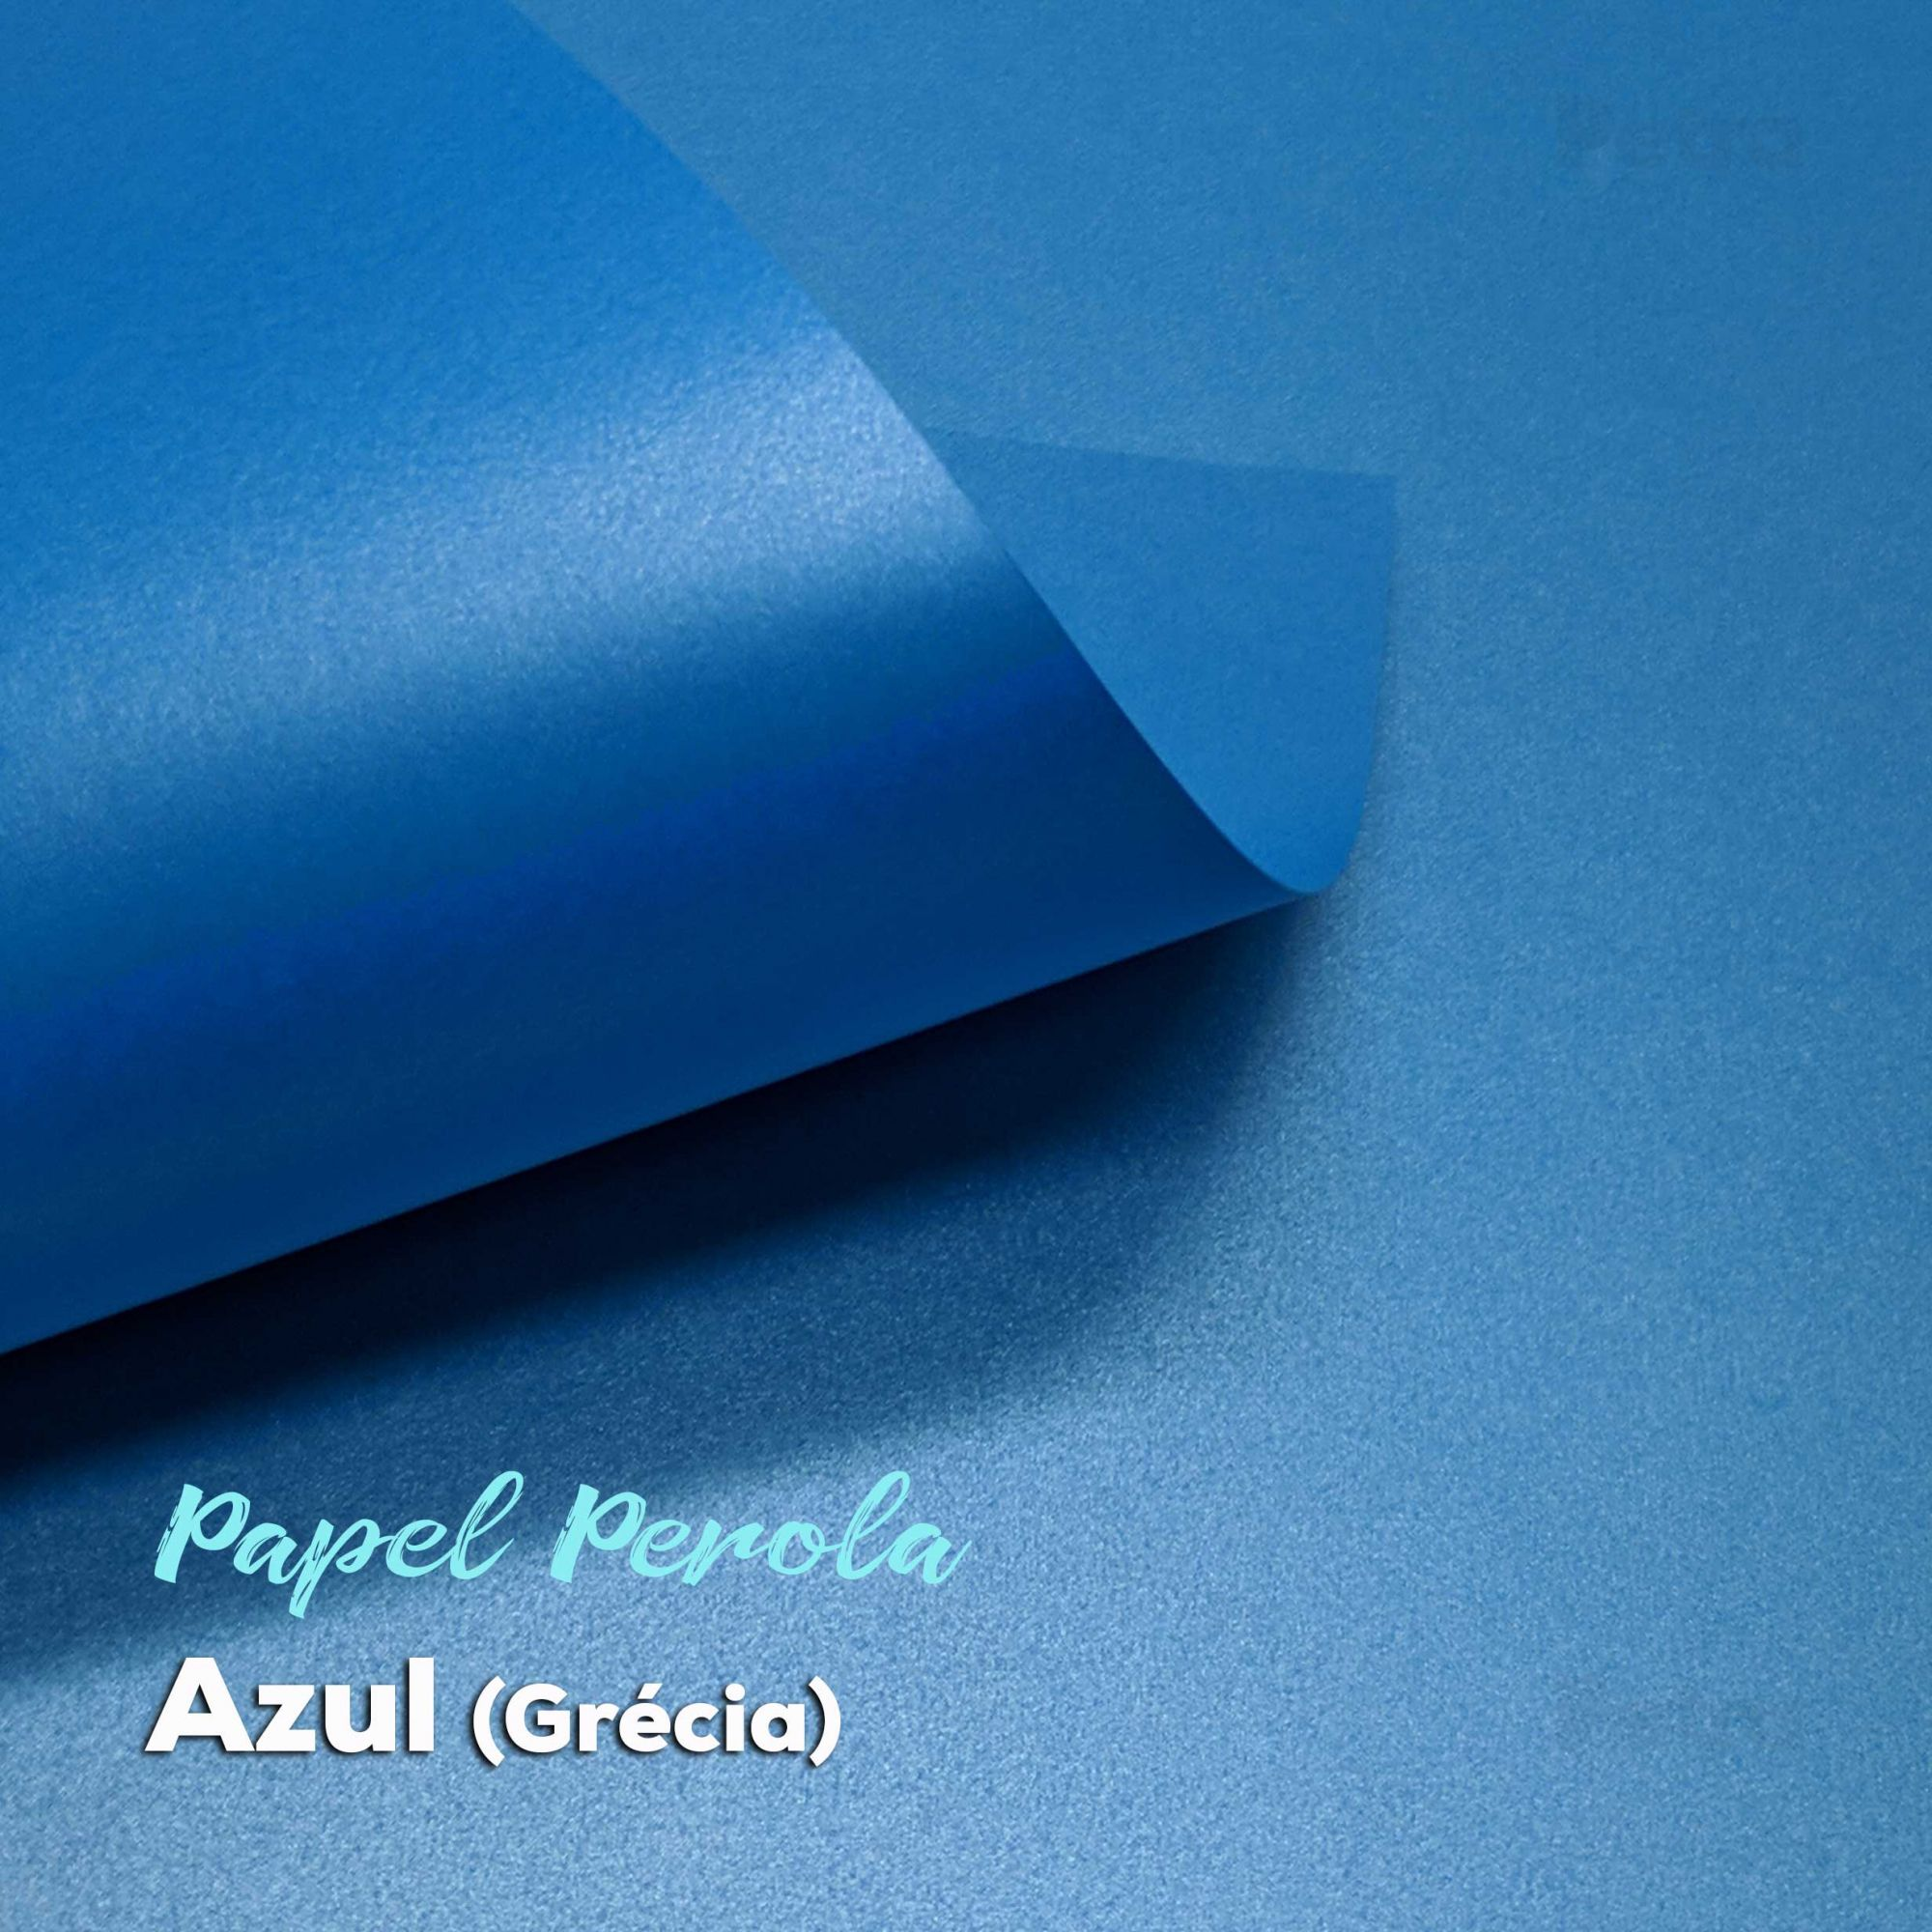 Papel Pérola Azul Grécia Tam: 66x96cm 180g/m²  - Com 10 folhas